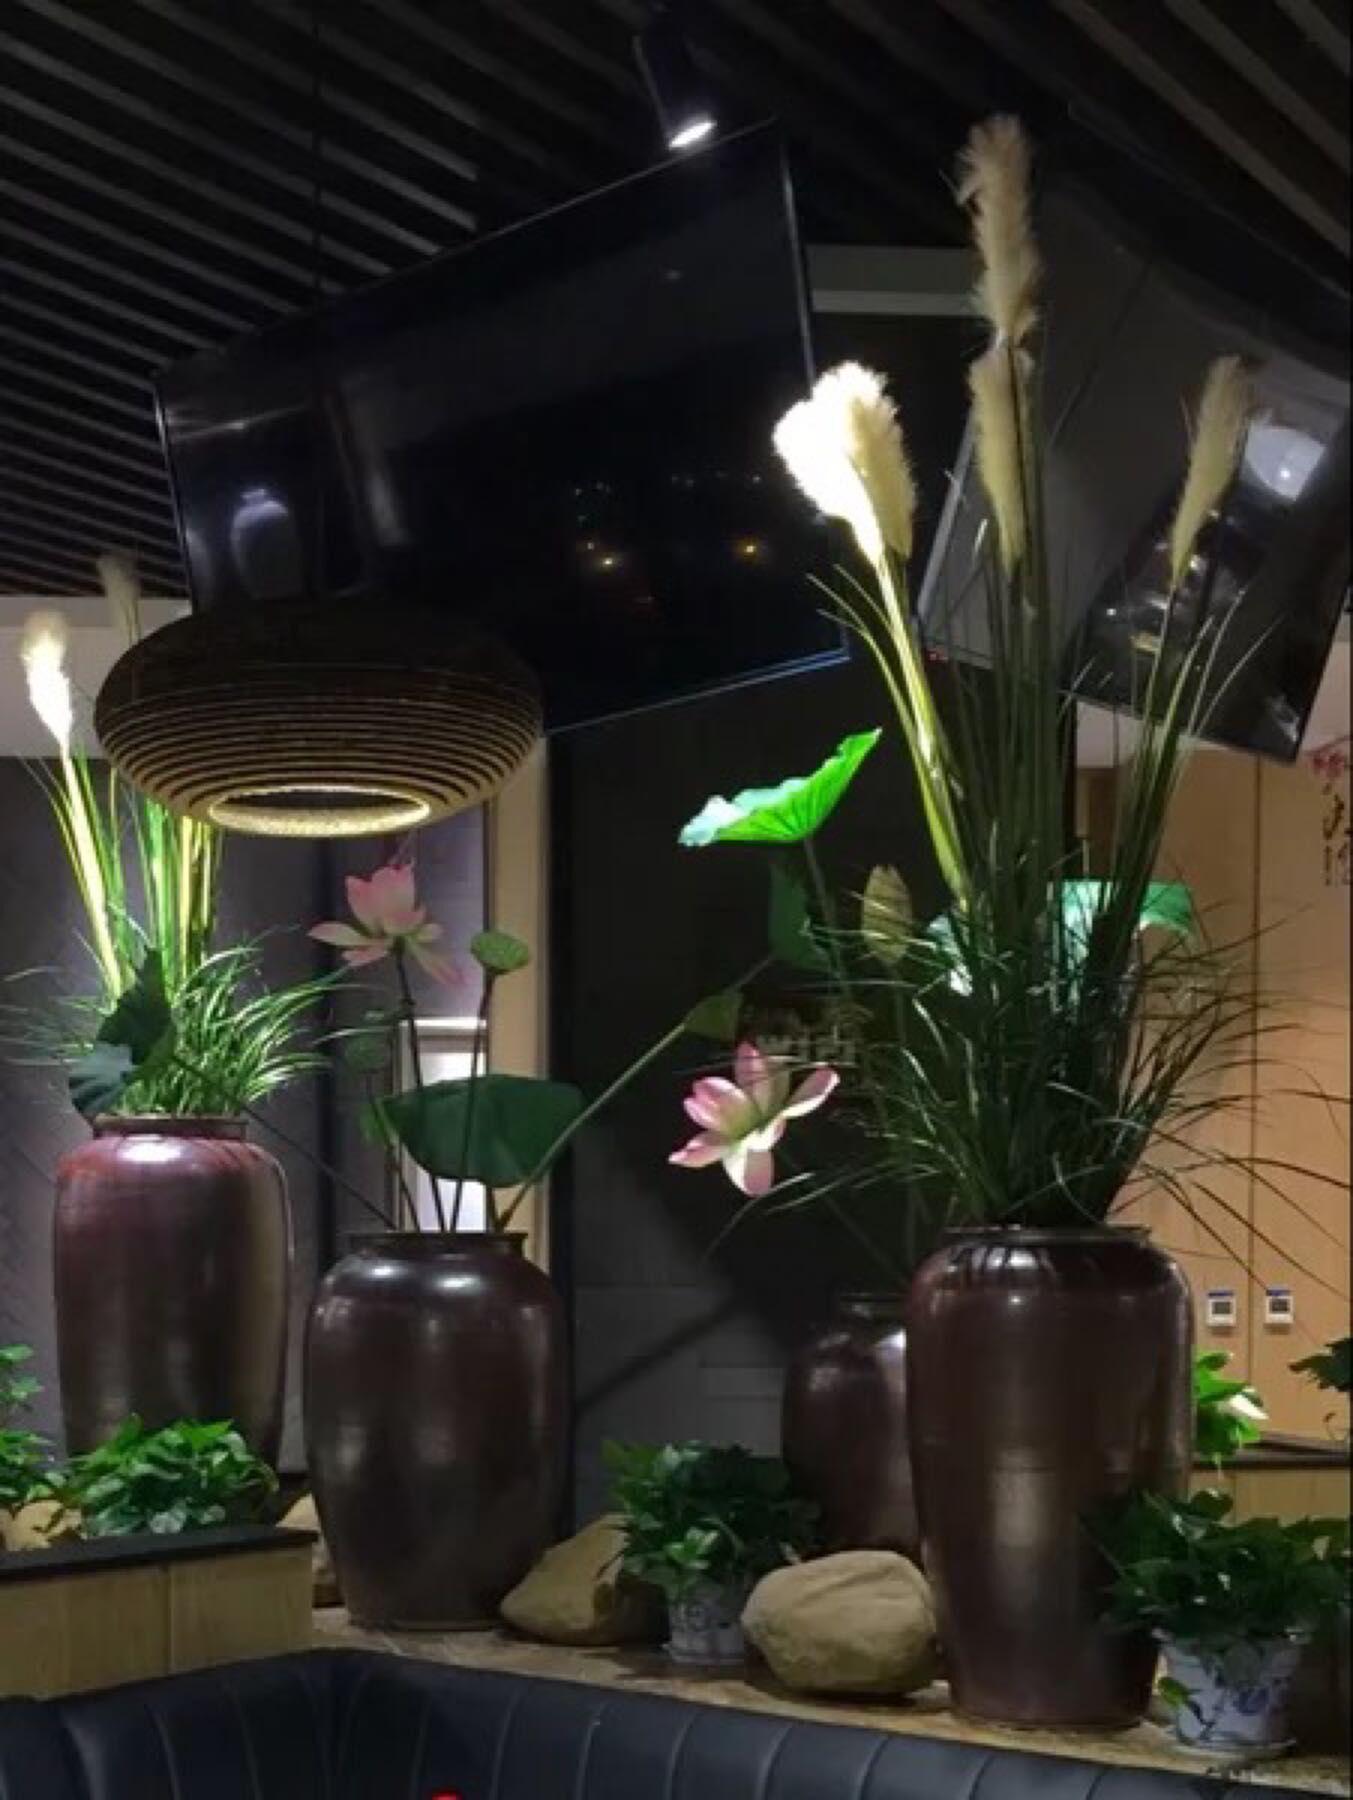 陶罐陶缸客厅酒店书房现代欧式假花仿真花摆件饰品